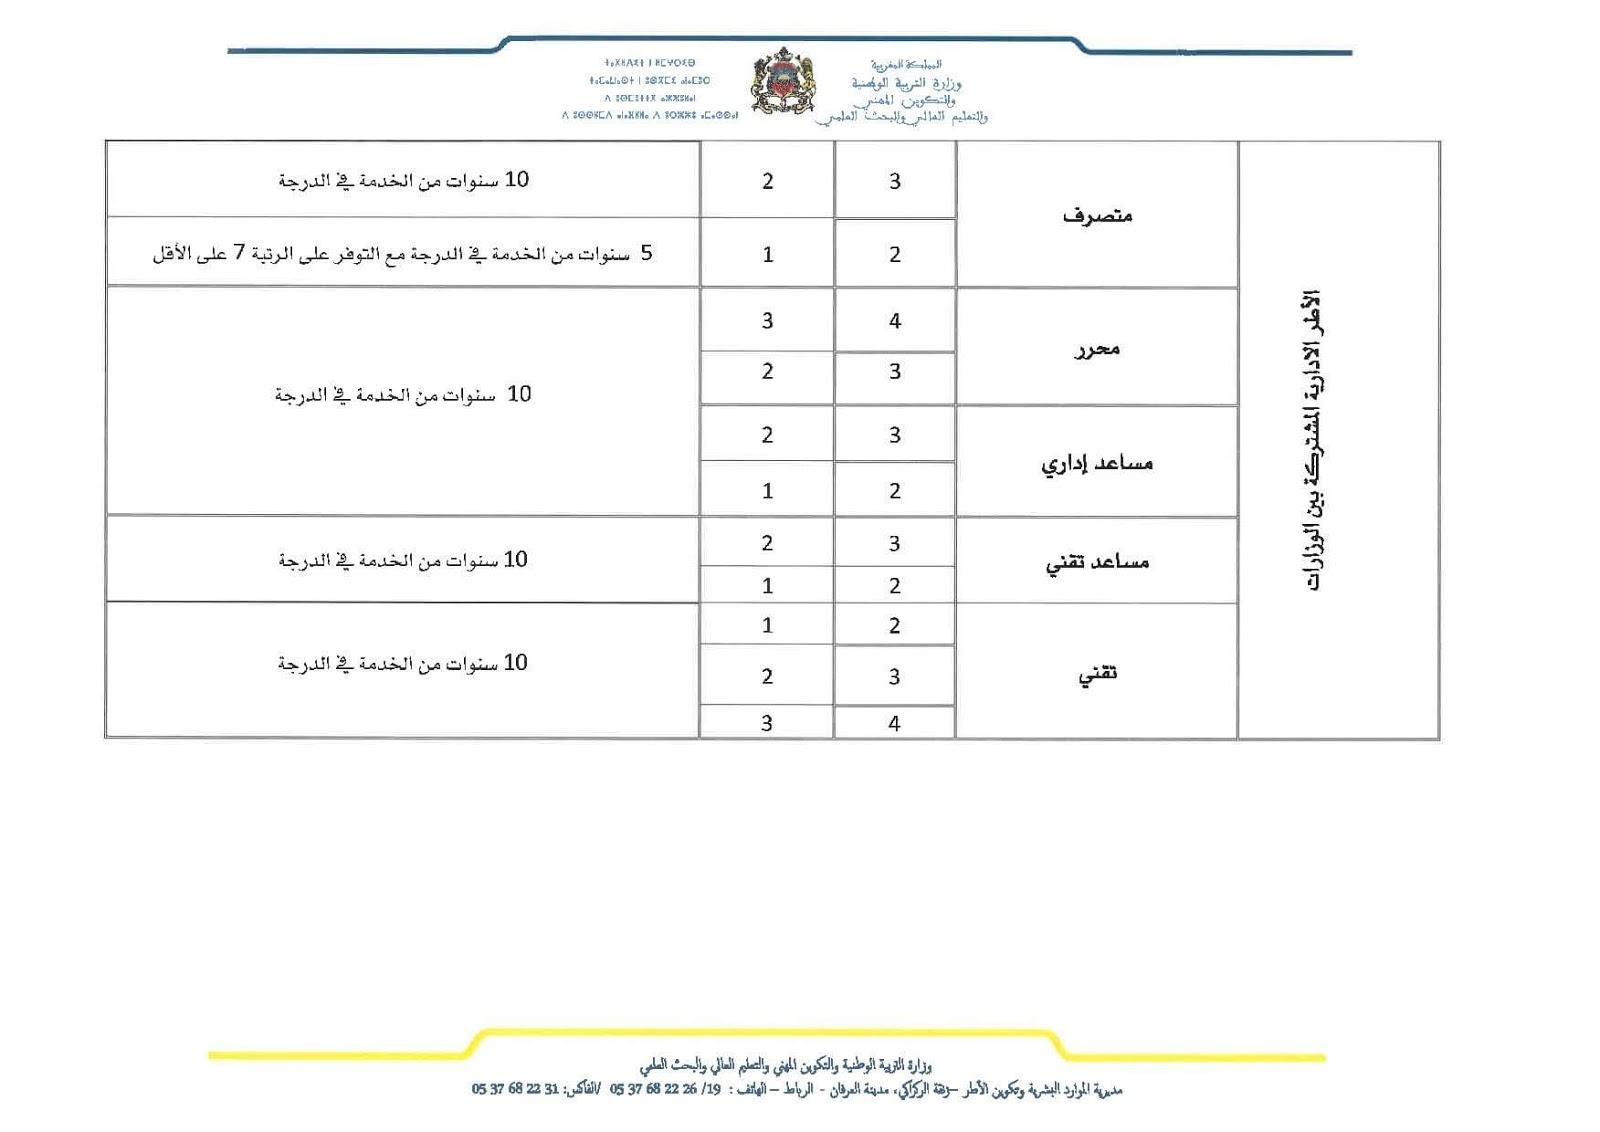 شروط الترشيح للترقية بالاختيار في الدرجة لمختلف الفئات